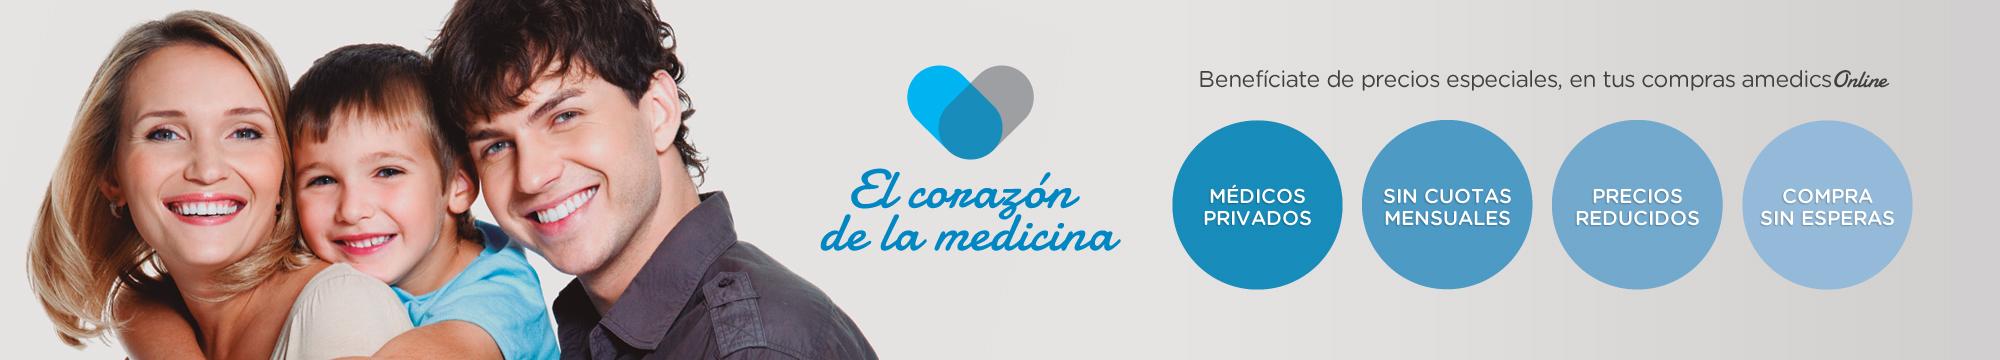 ClinicPoint. Medicina privada para todos.